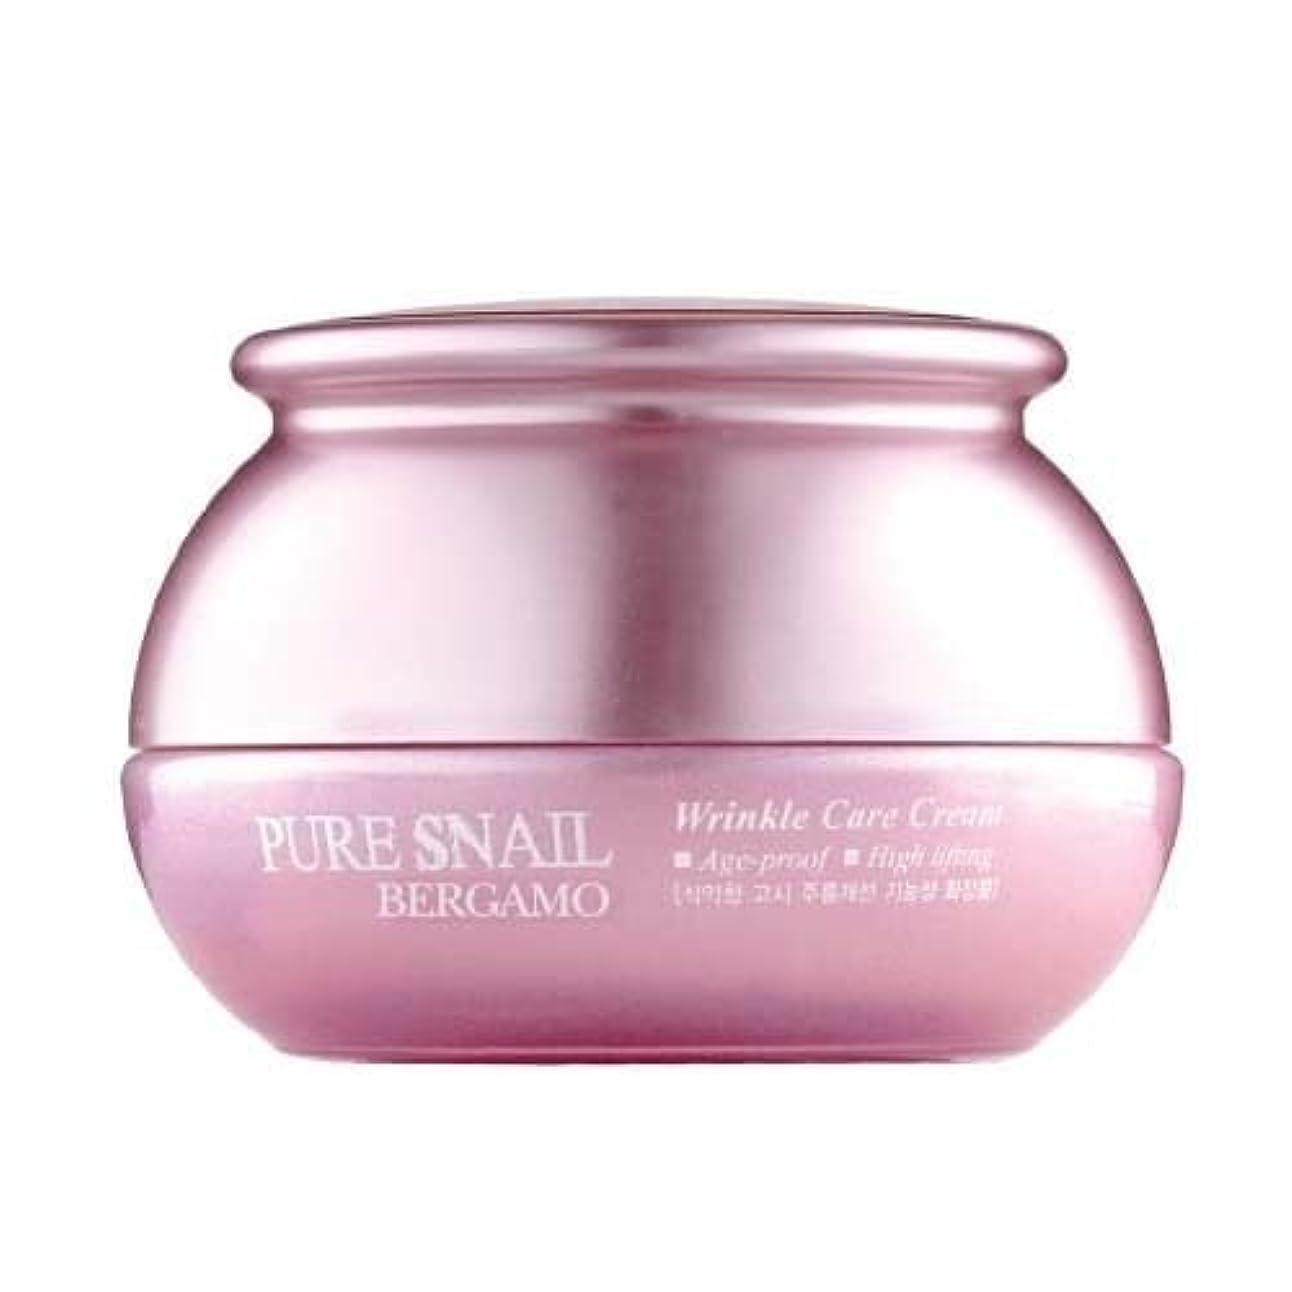 お茶毎週符号ベルガモ[韓国コスメBergamo]Pure Snail Wrinkle Care Cream カタツムリリンクルケアクリーム50ml しわ管理 [並行輸入品]